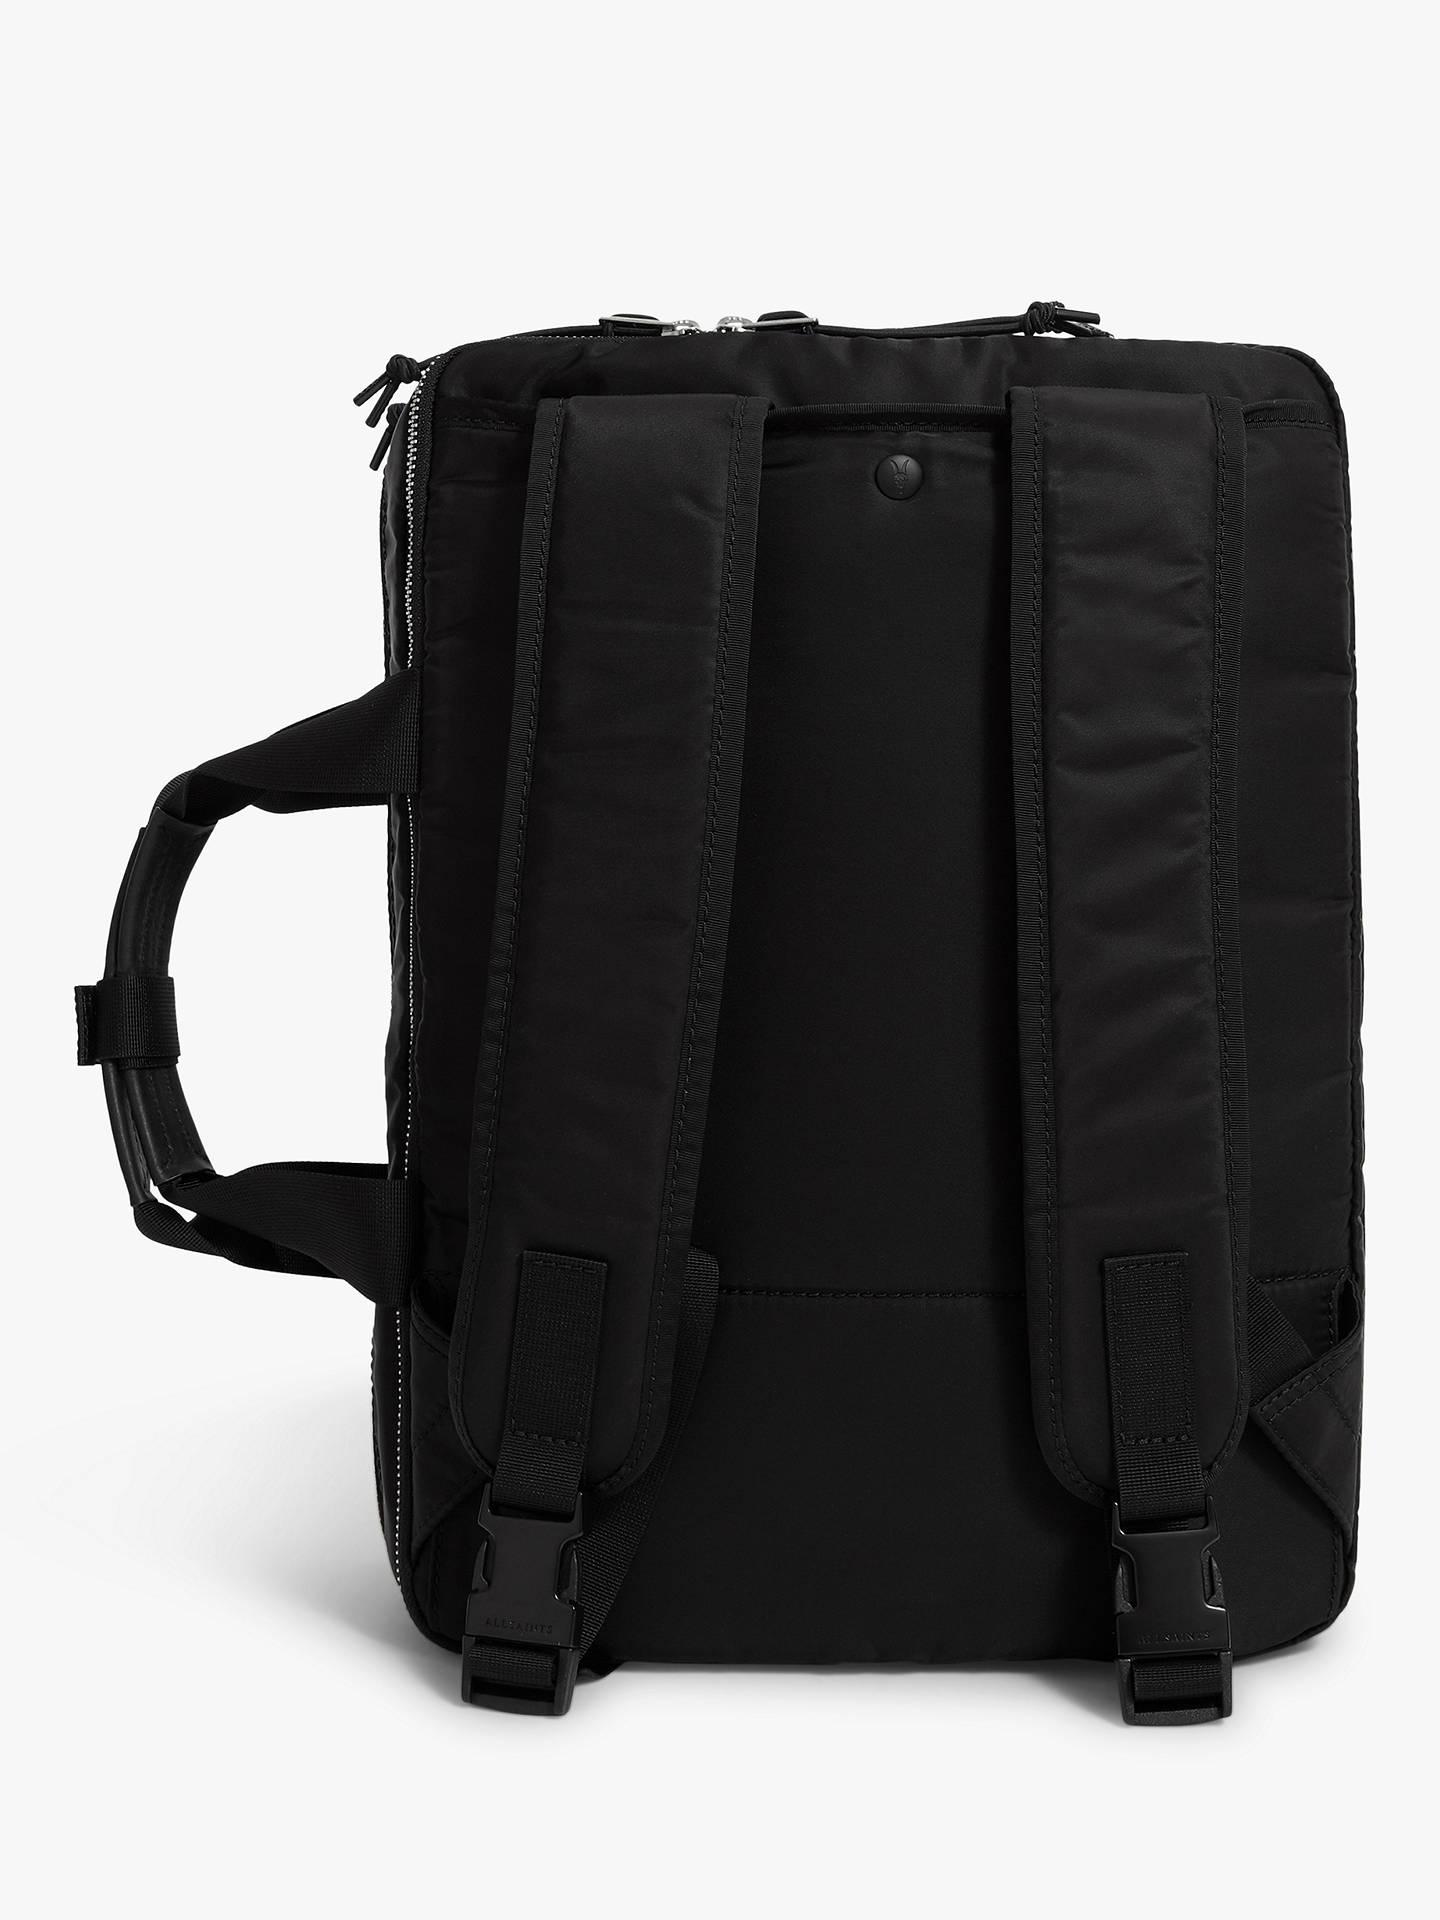 cc0cc2099 ... Buy AllSaints Elsdale Workbag Rucksack, Black, One Size Online at  johnlewis.com